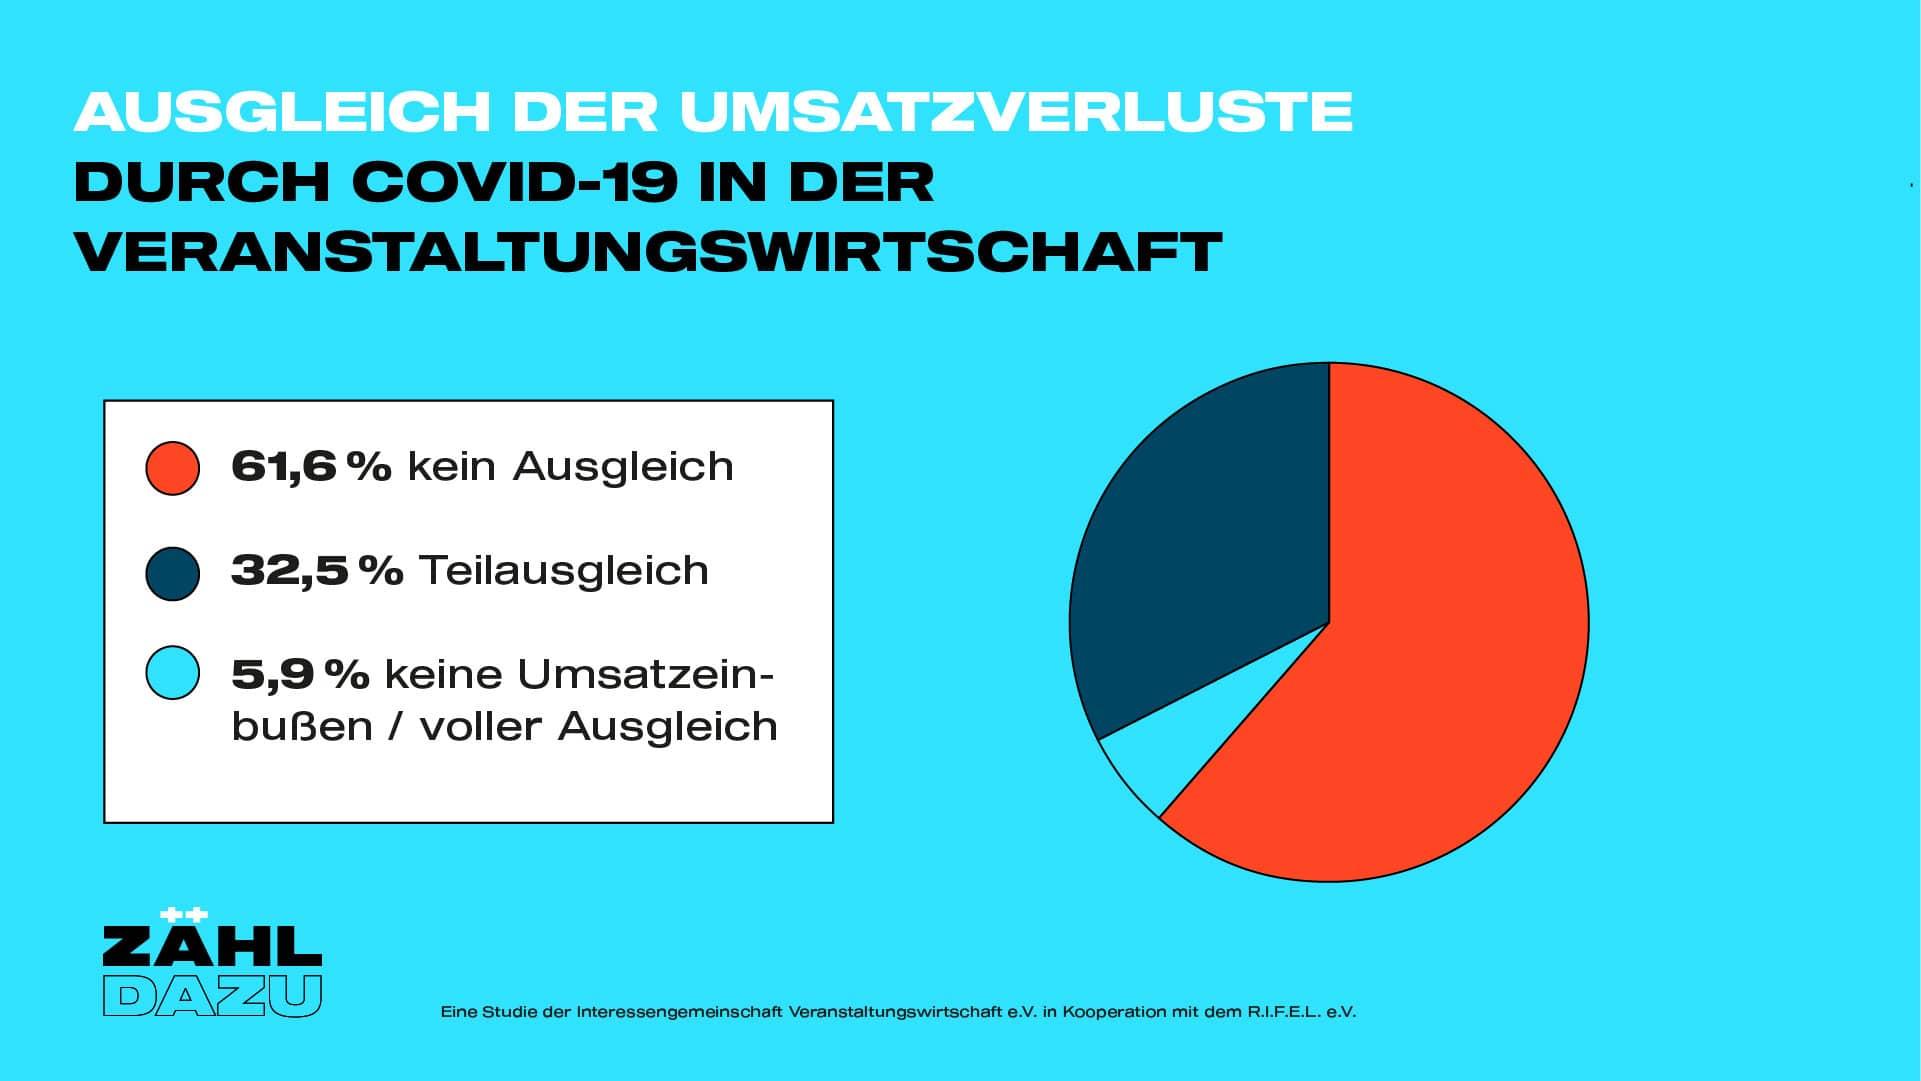 ZÄHL DAZU_Ausgleich_Umsatzverluste